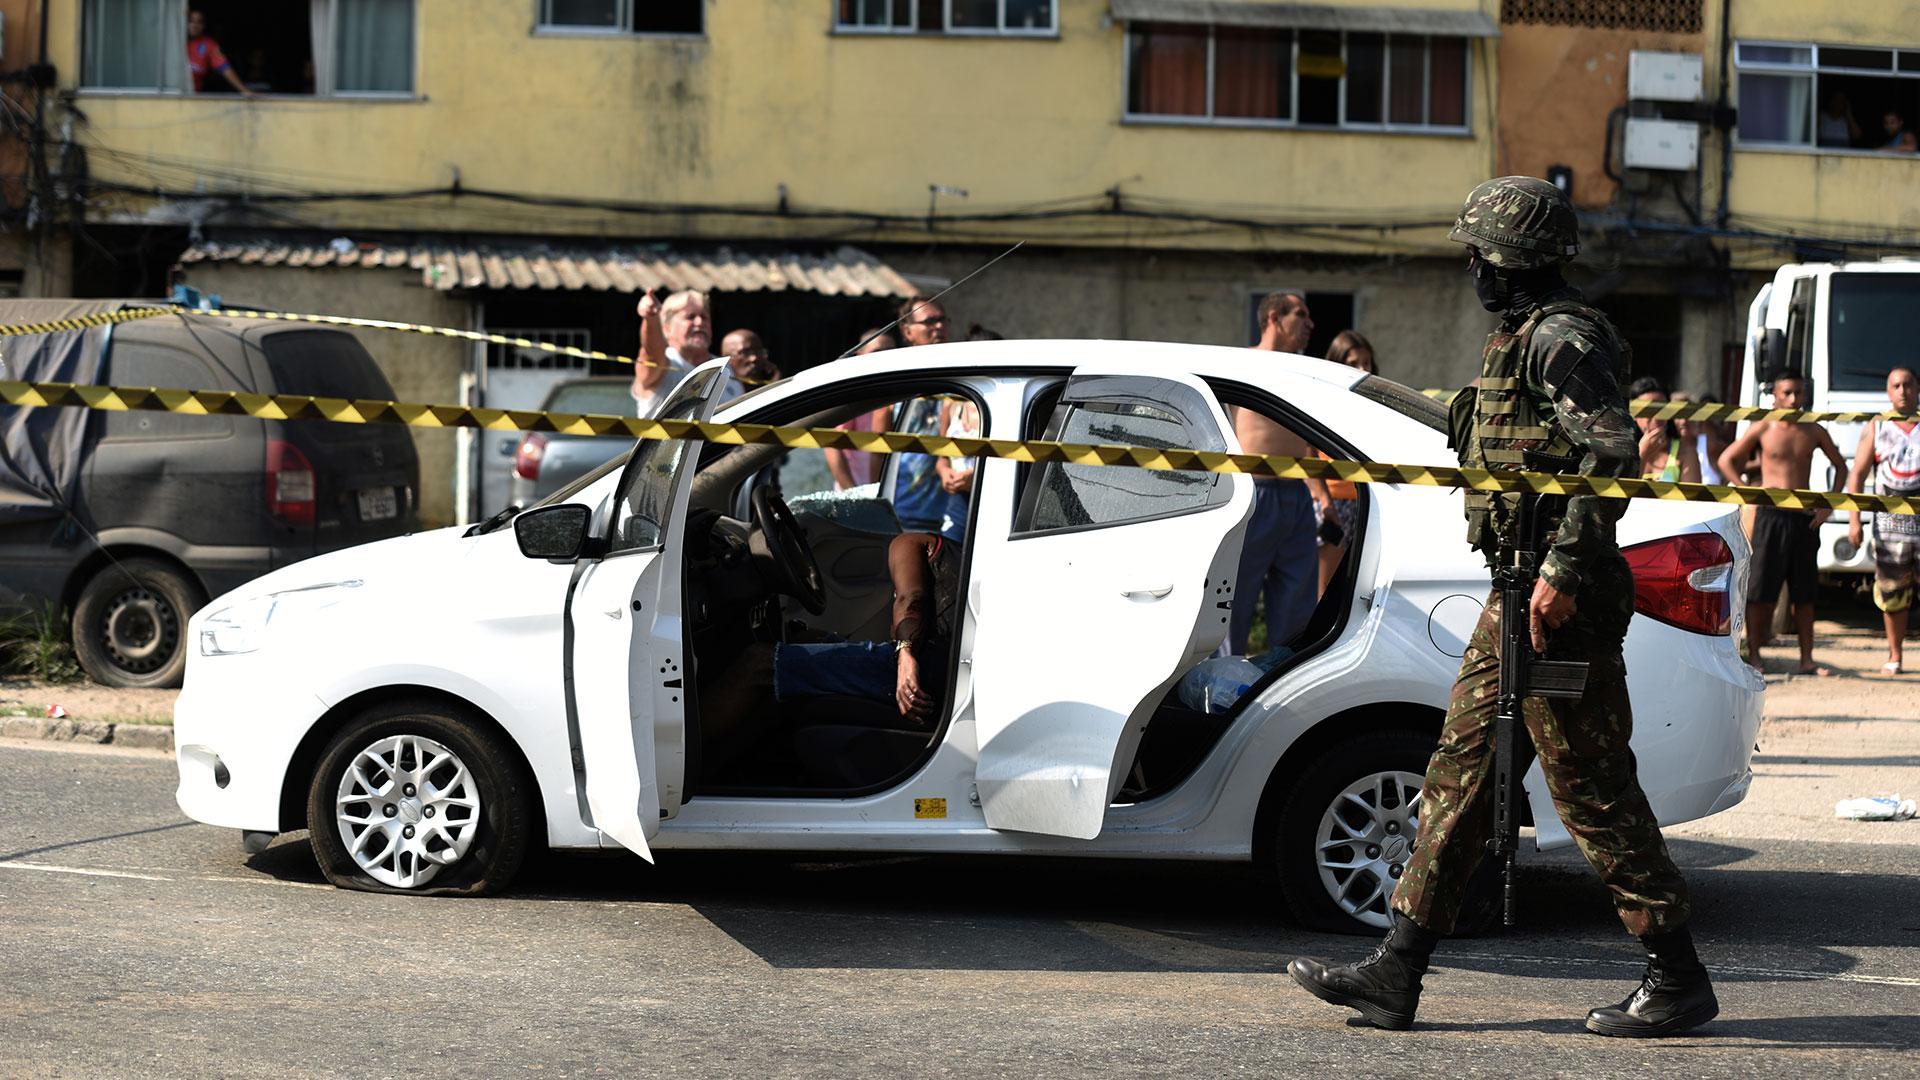 Un automóvil que quedó en medio de un tiroteo, en una favela en Río (Reuters)